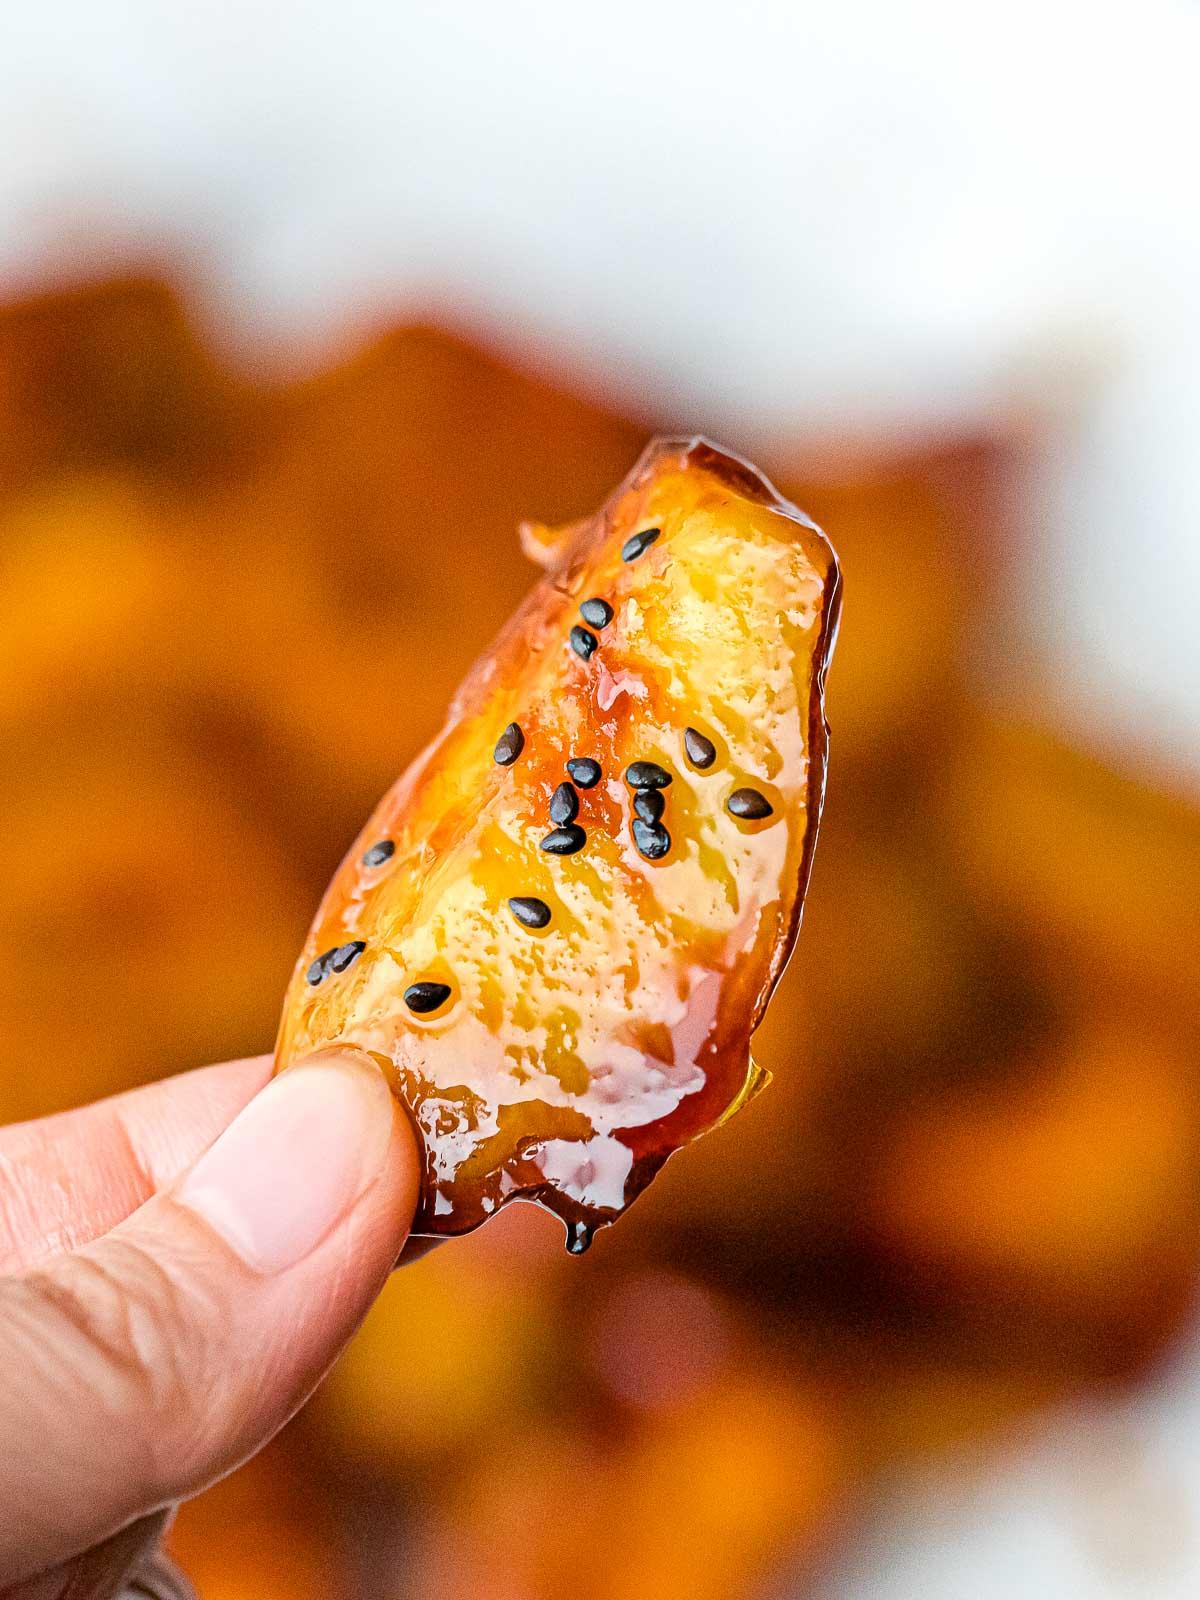 close up of Japanese candied sweet potato, Daigaku Imo